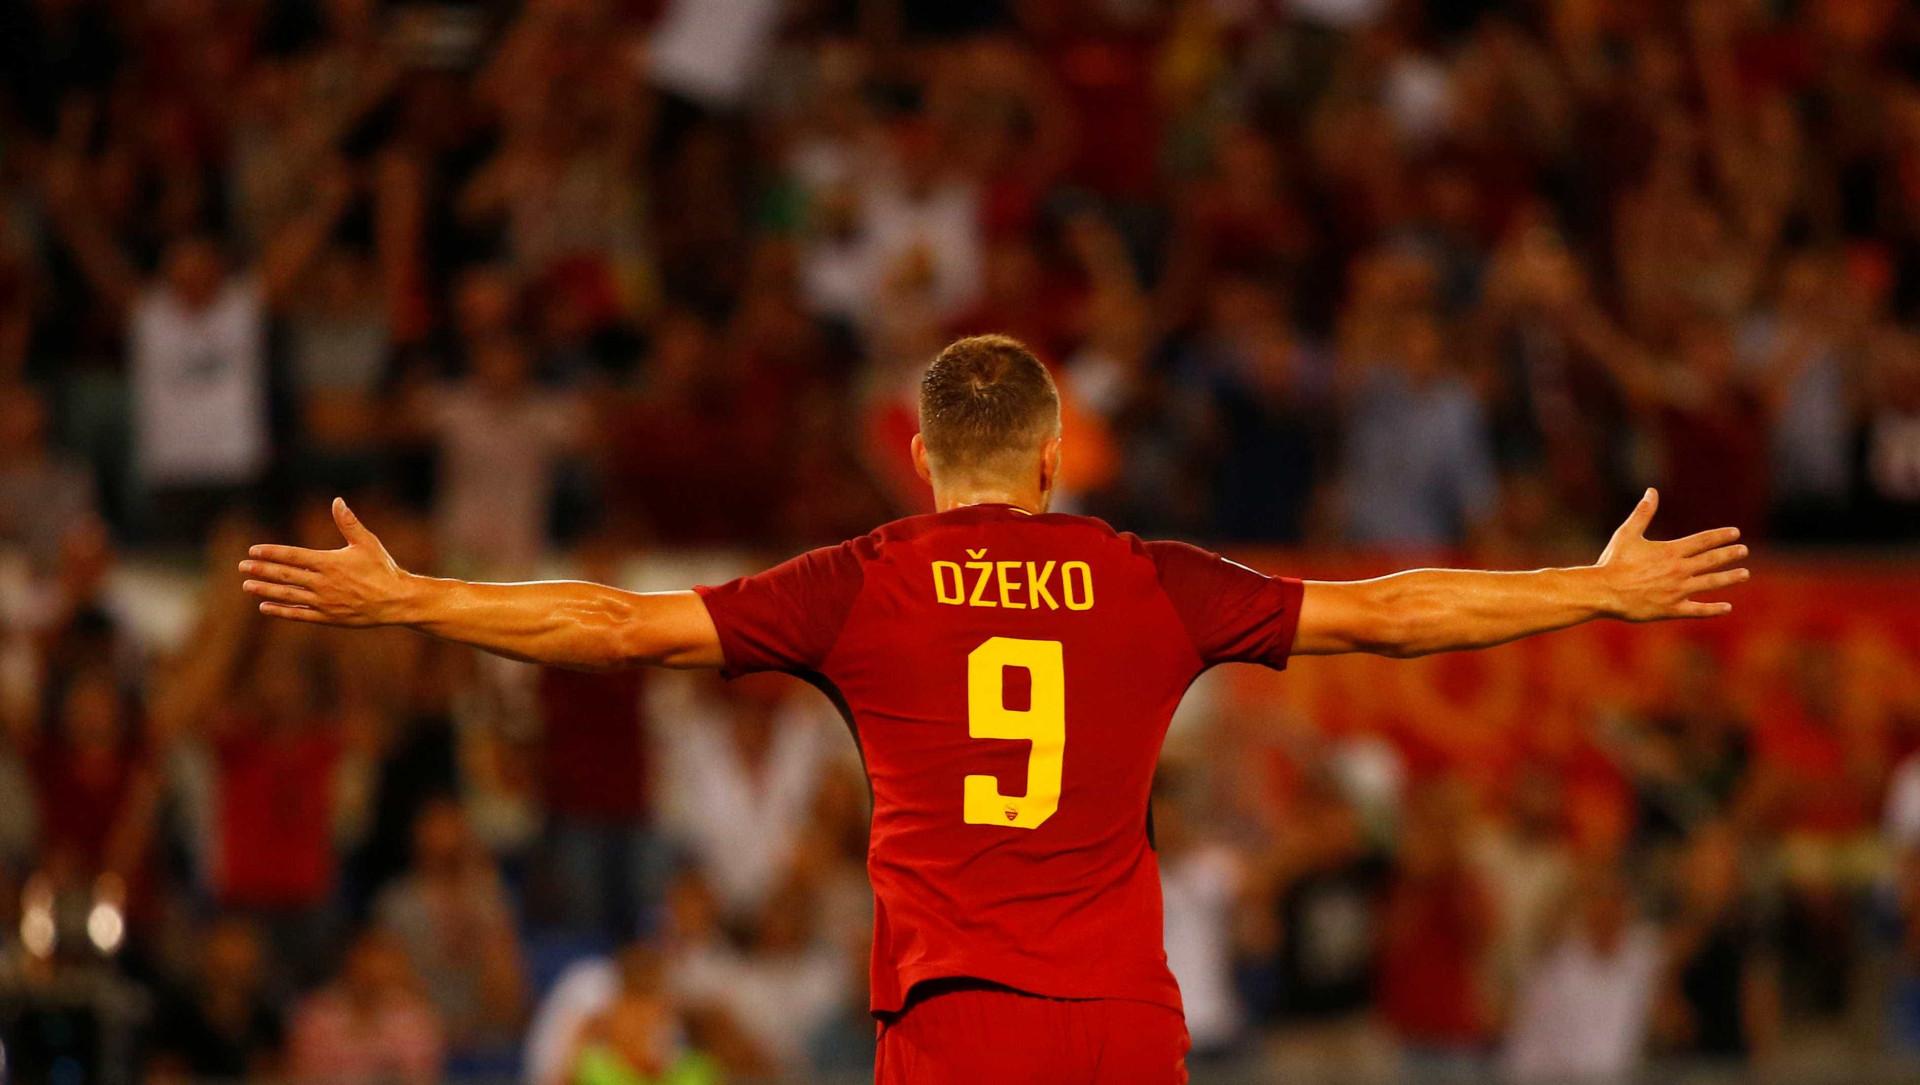 Estudo suíço fez a lista dos 10 melhores avançados e... Ronaldo não entra